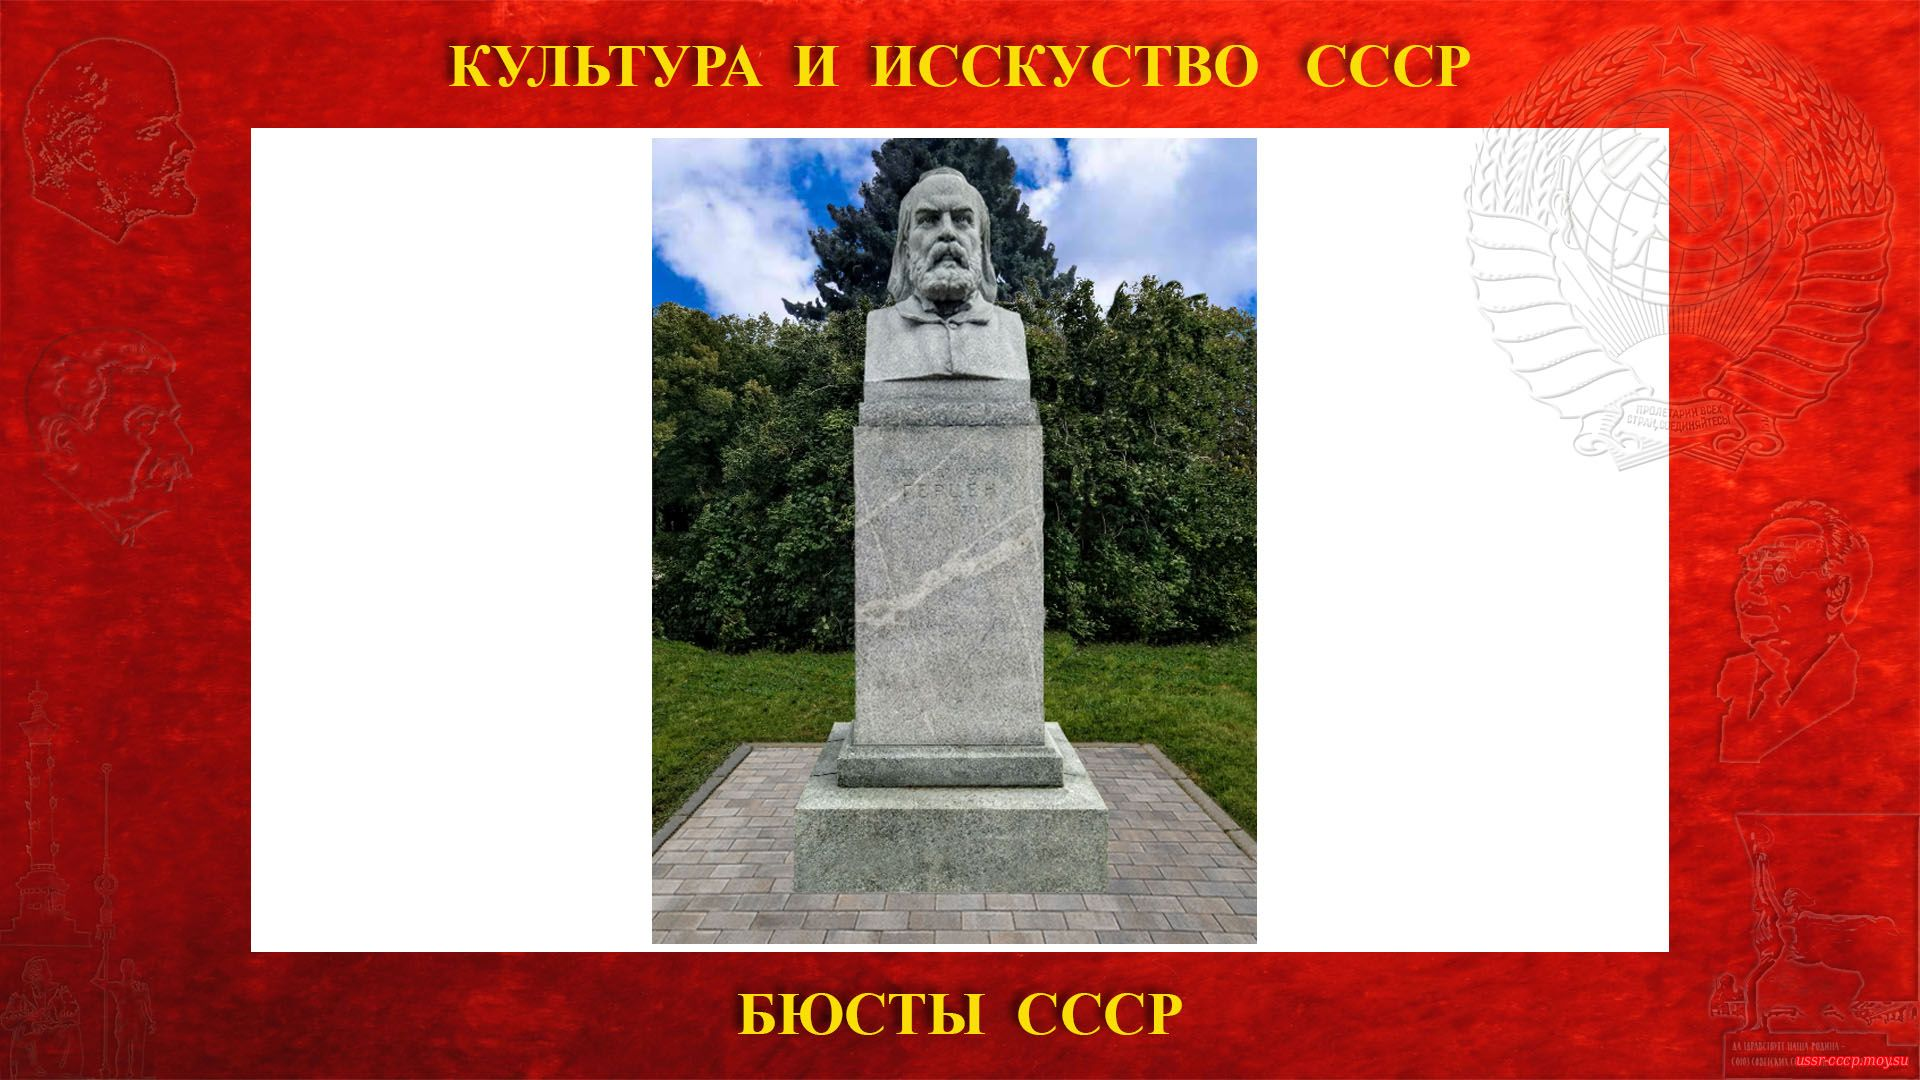 Бюст Герцену А.И. на Ленинских горах (Москва 1953) (повествование)